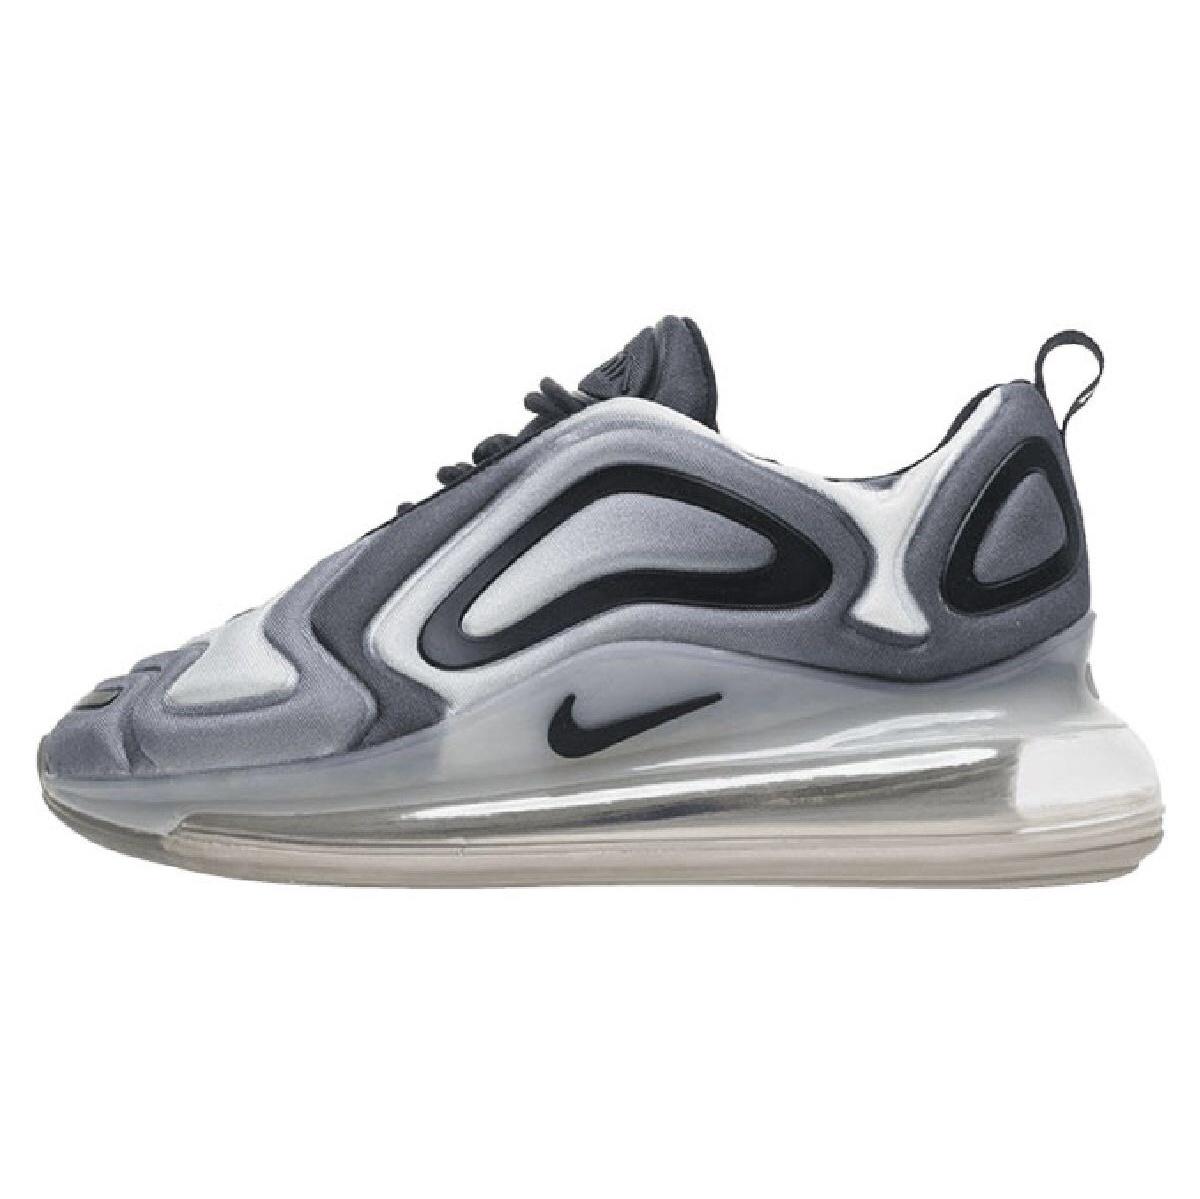 کفش مخصوص پیاده روی نه مدل air max 720 کد ۰۷۶